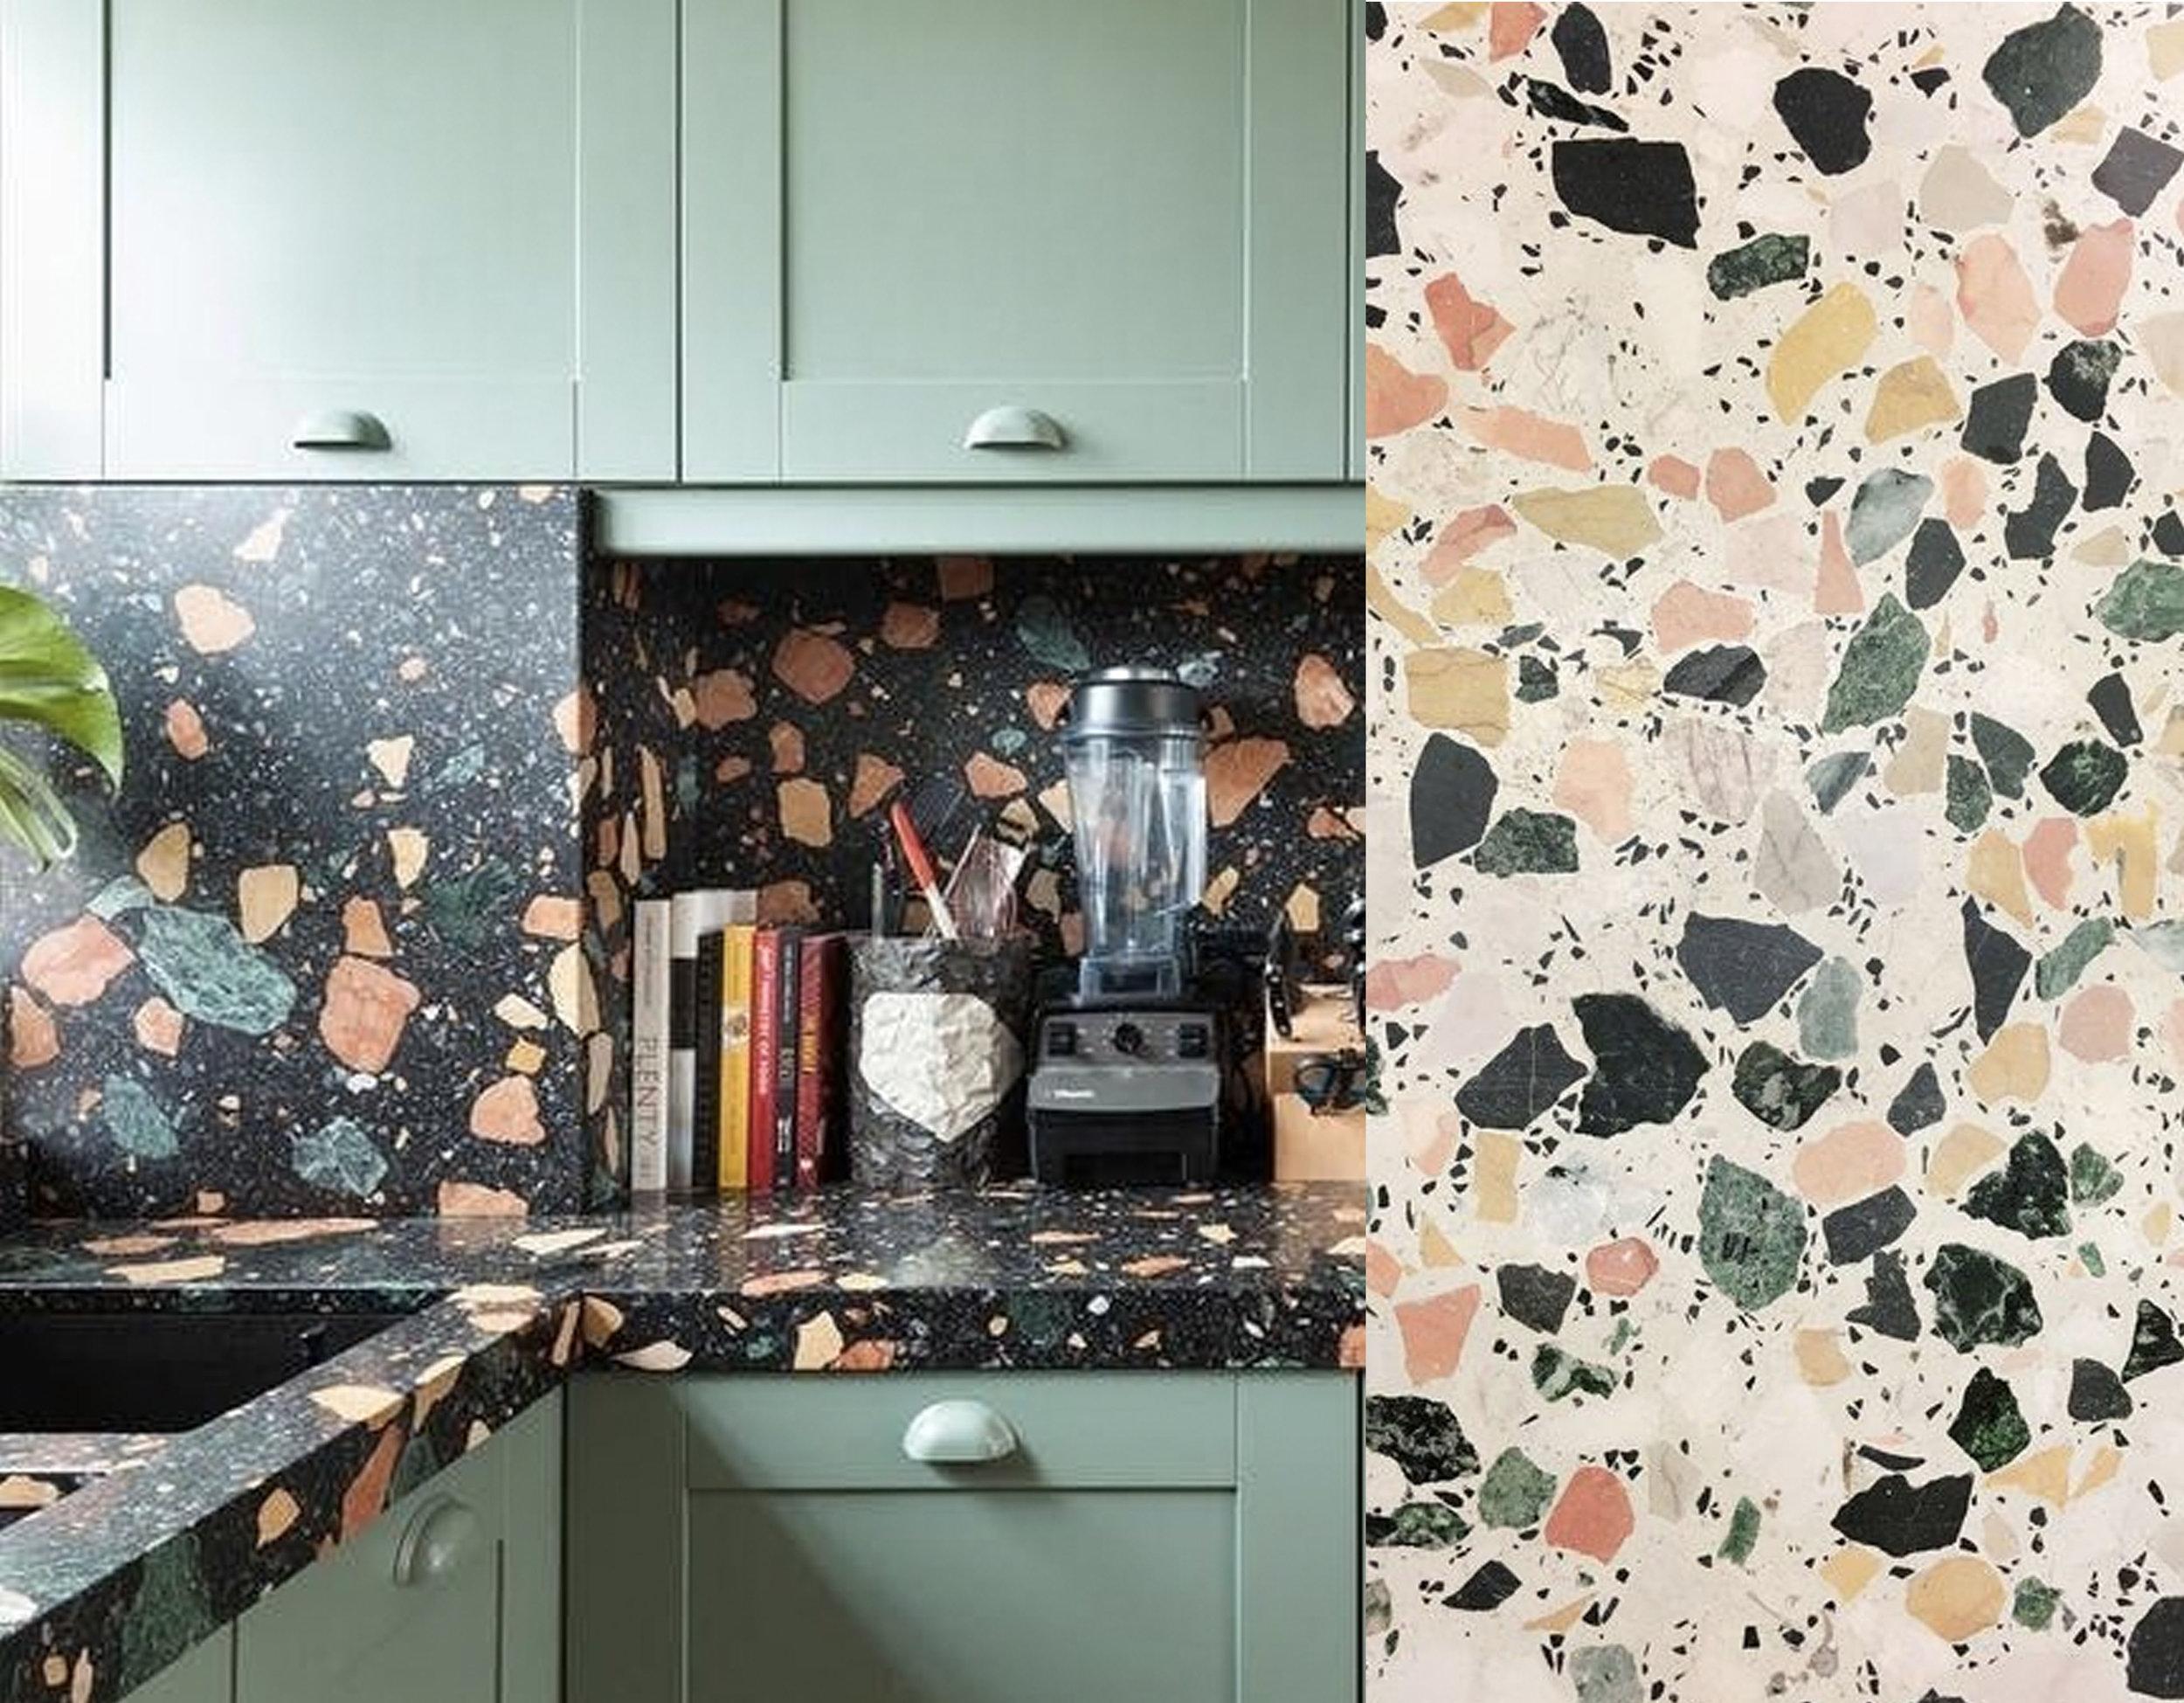 kitchen via  Apartment Therapy  - terrazzo via  Instagram